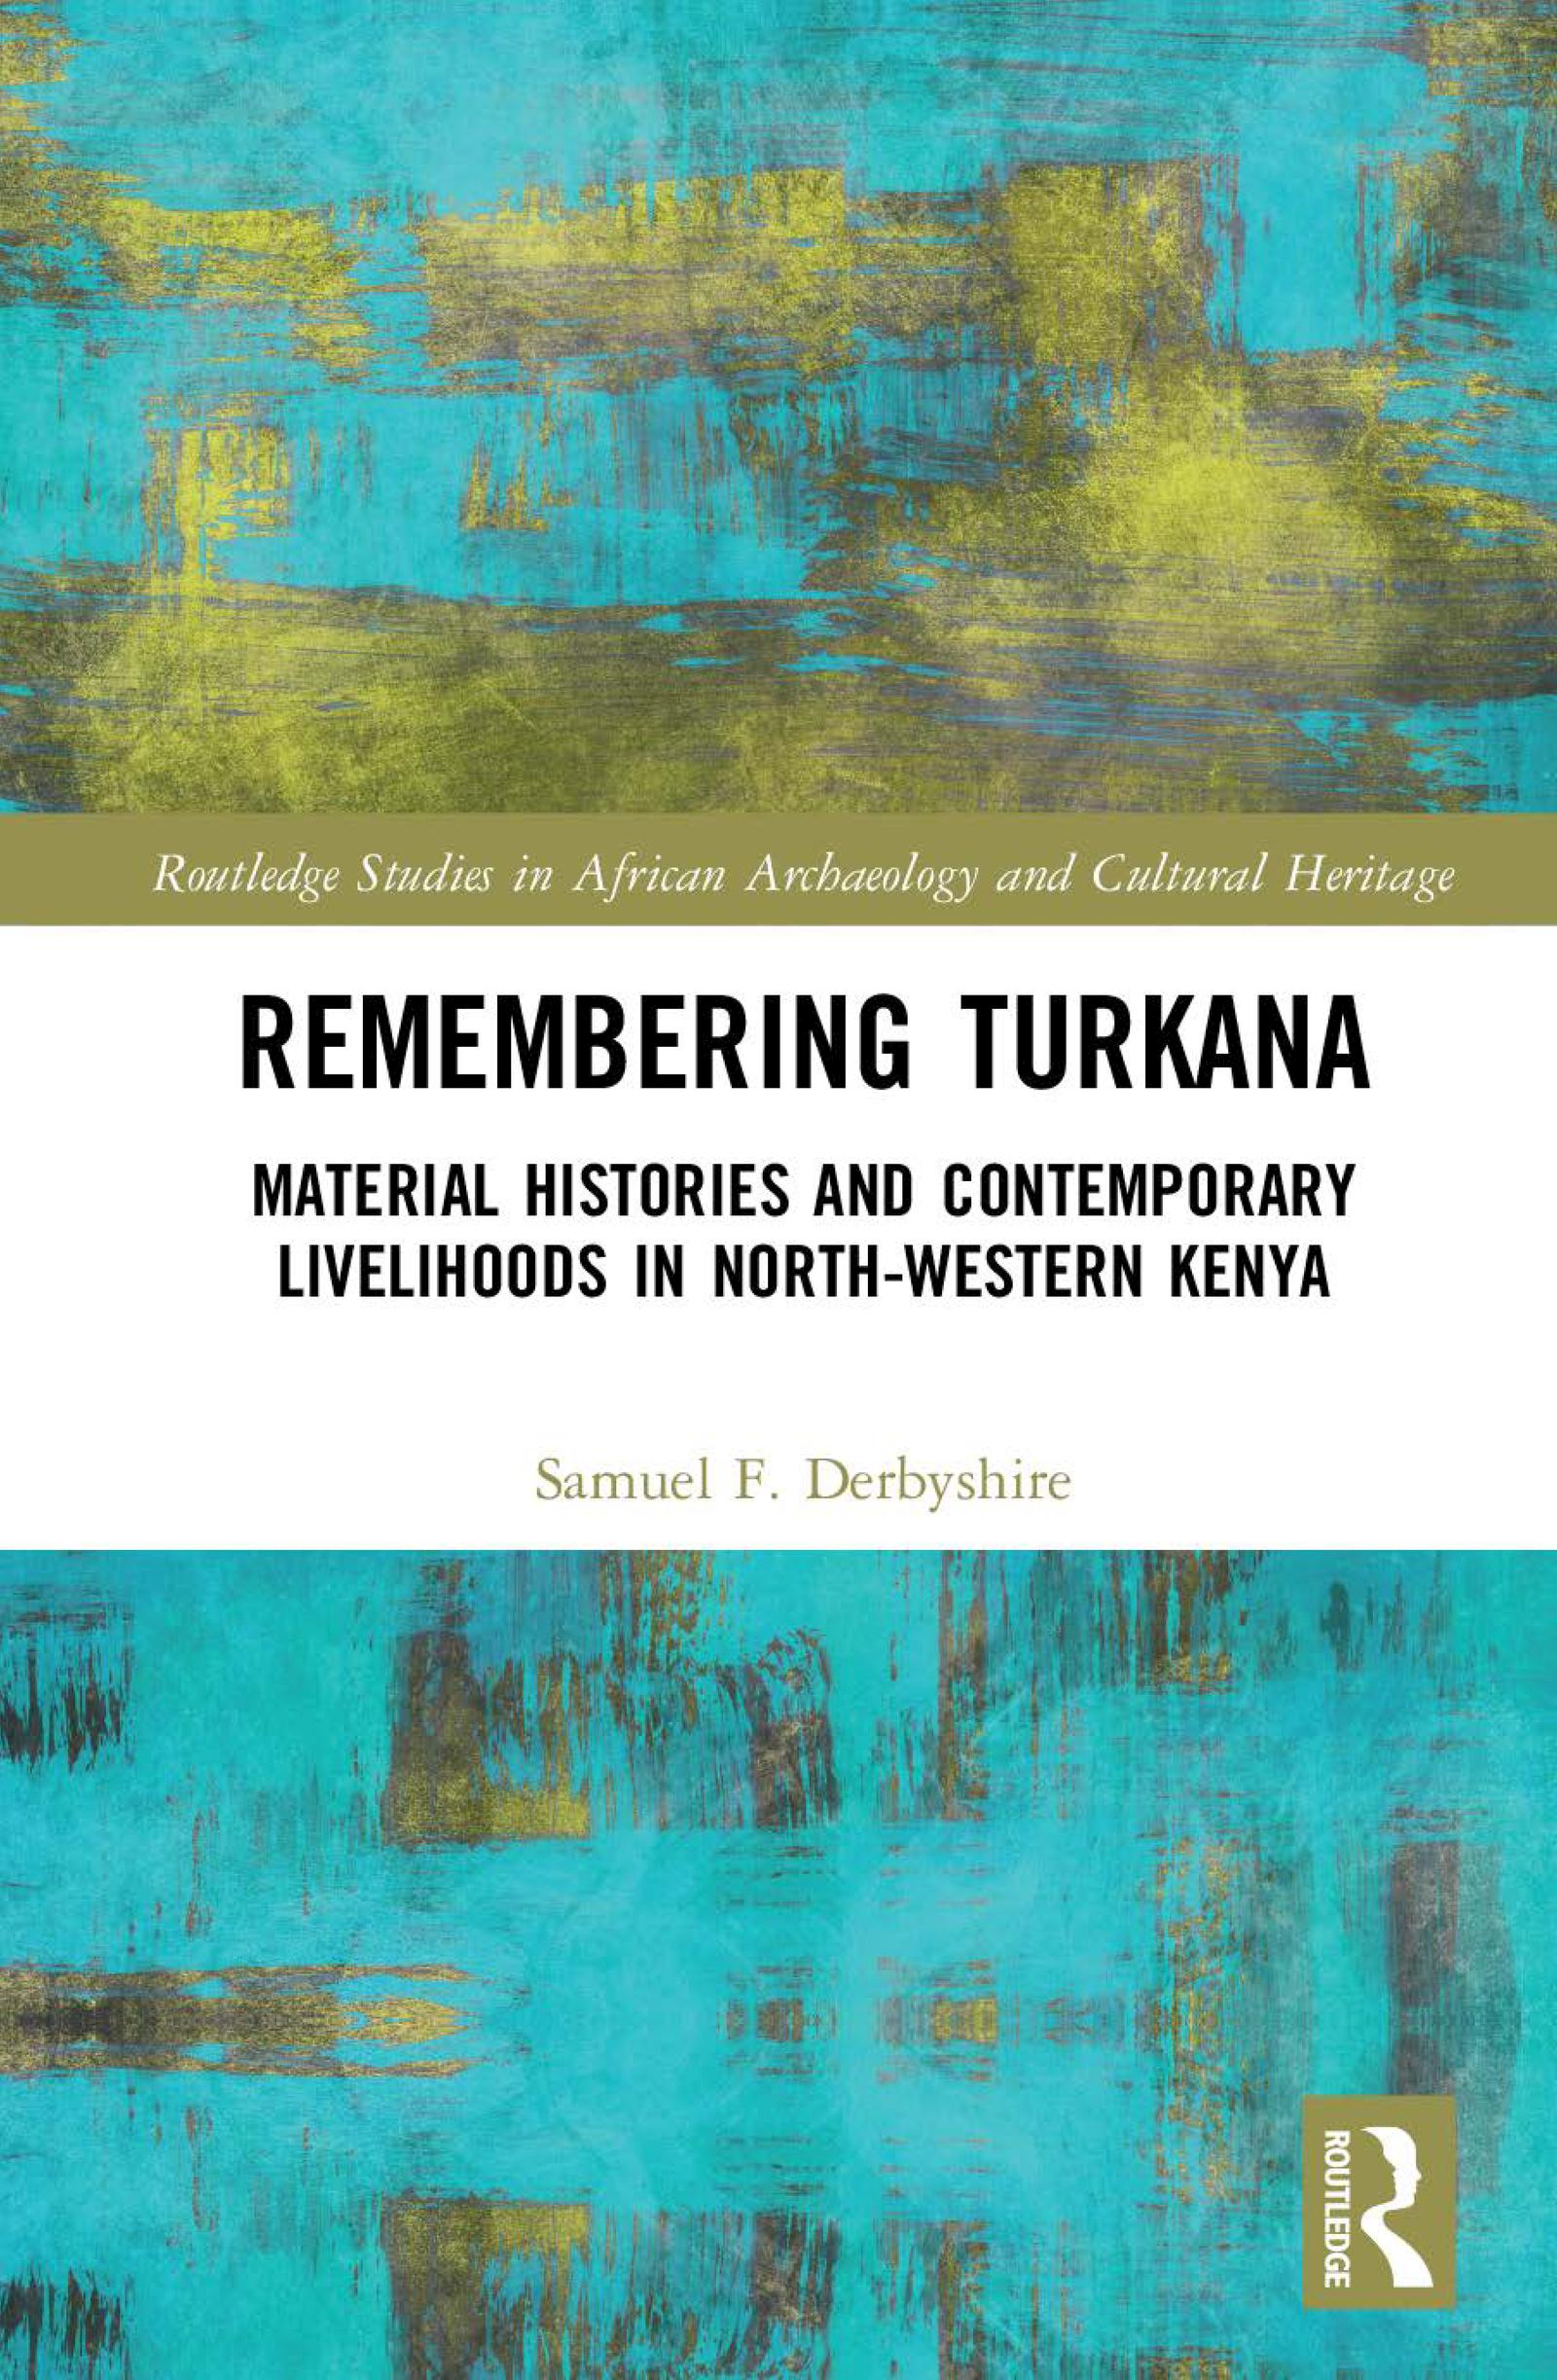 Remembering Turkana